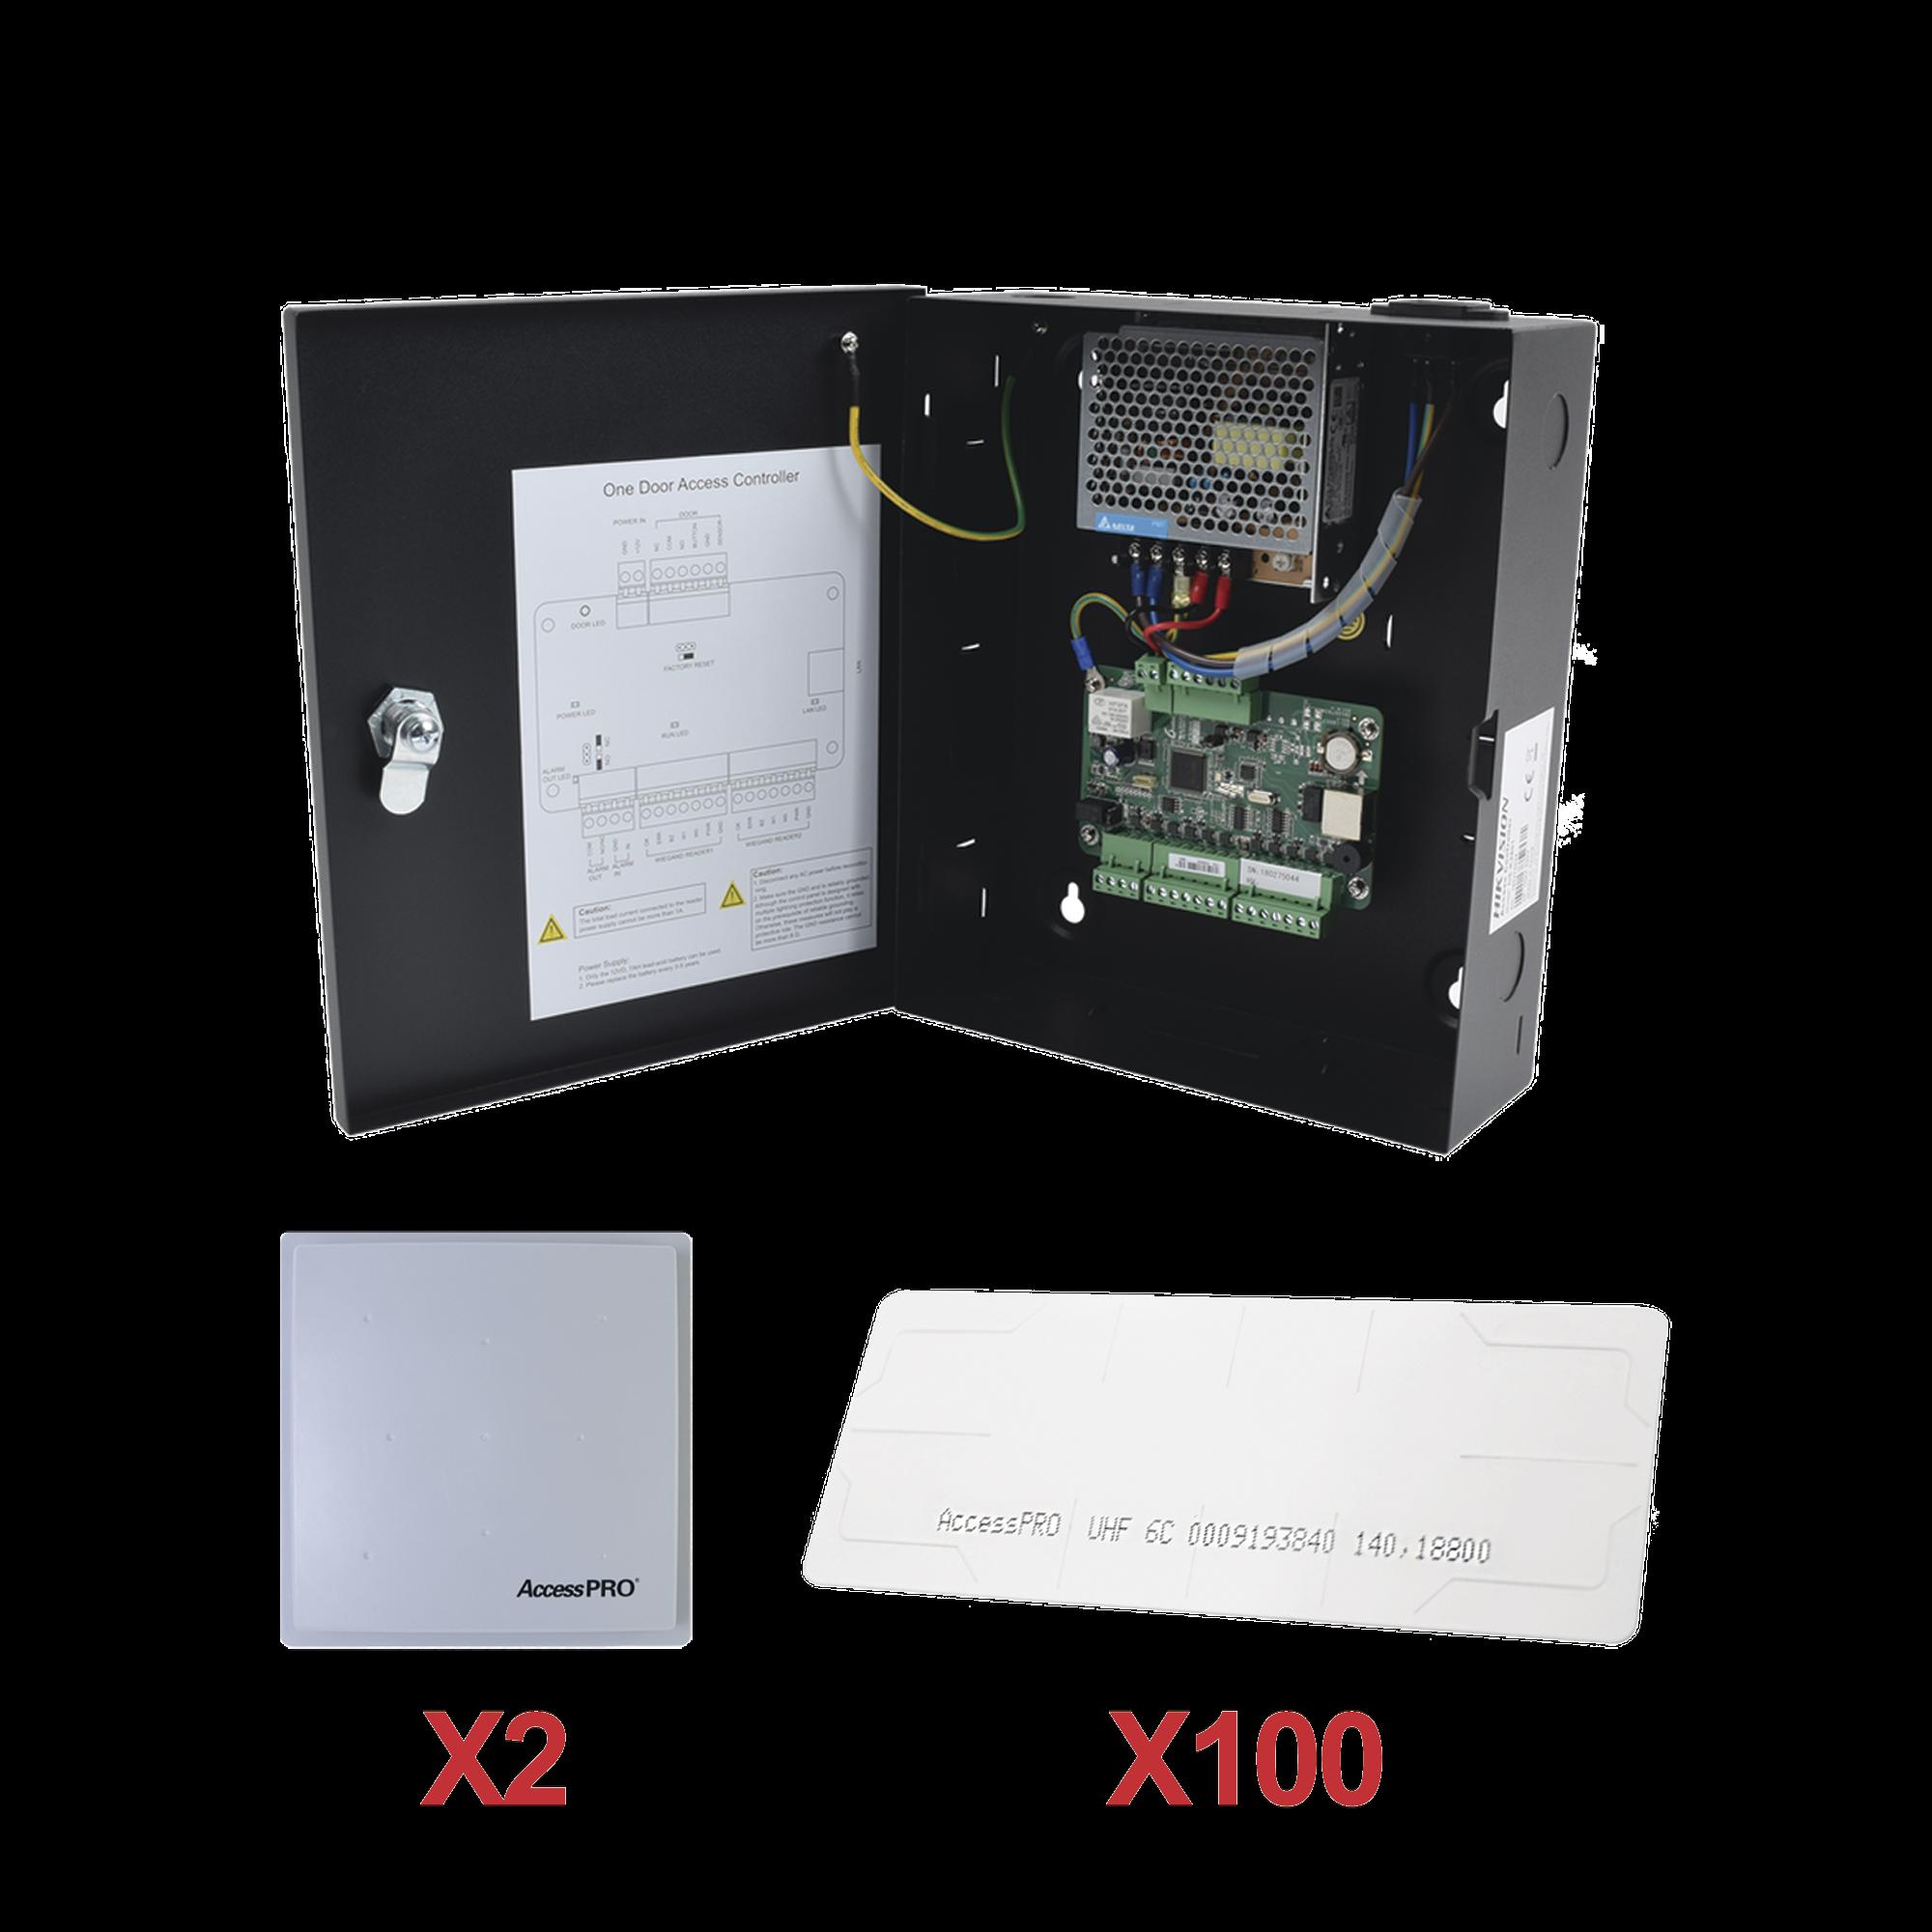 Kit para automatizar 2 ACCESOS VEHICULARES con STICKERS en Parabrisas de vehiculos / Incluye Panel, 2 lectores y 100 stickers / Software IVMS4200 incluido